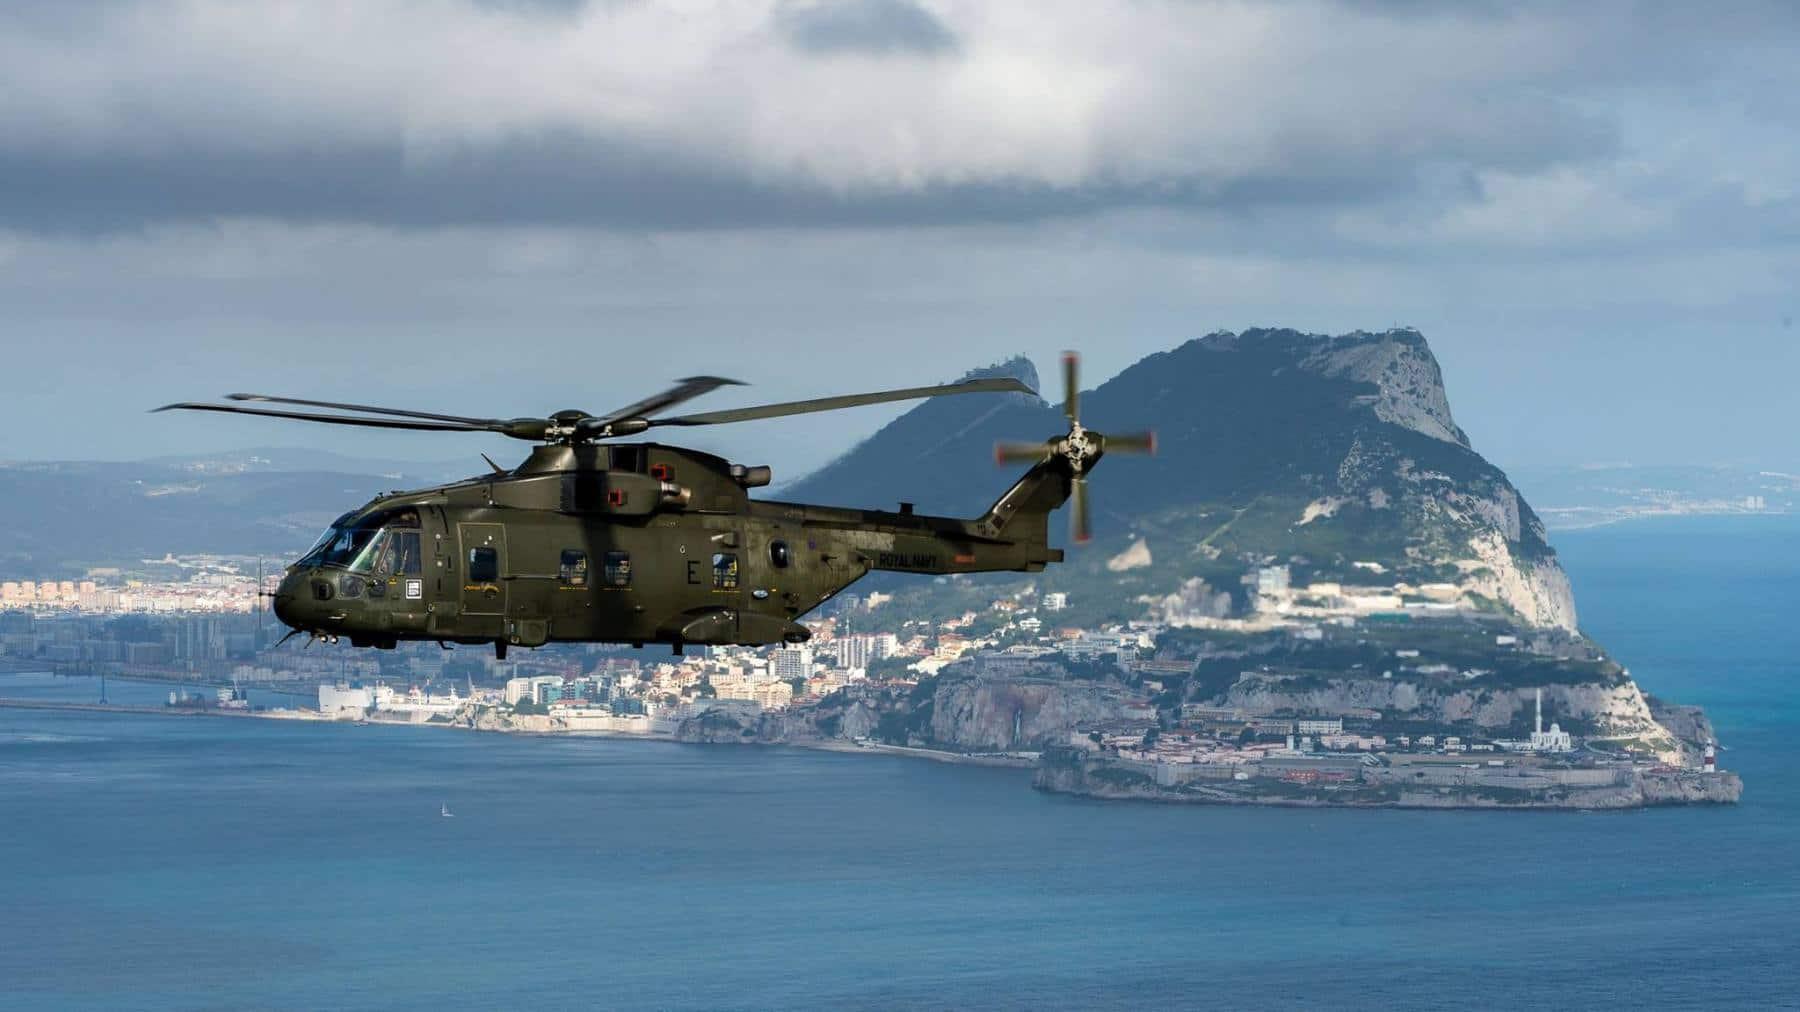 15-de-enero-2016-simulacro-de-rescate-con-helicpteros-merlin-mk3-en-gibraltar-15_23770226994_o